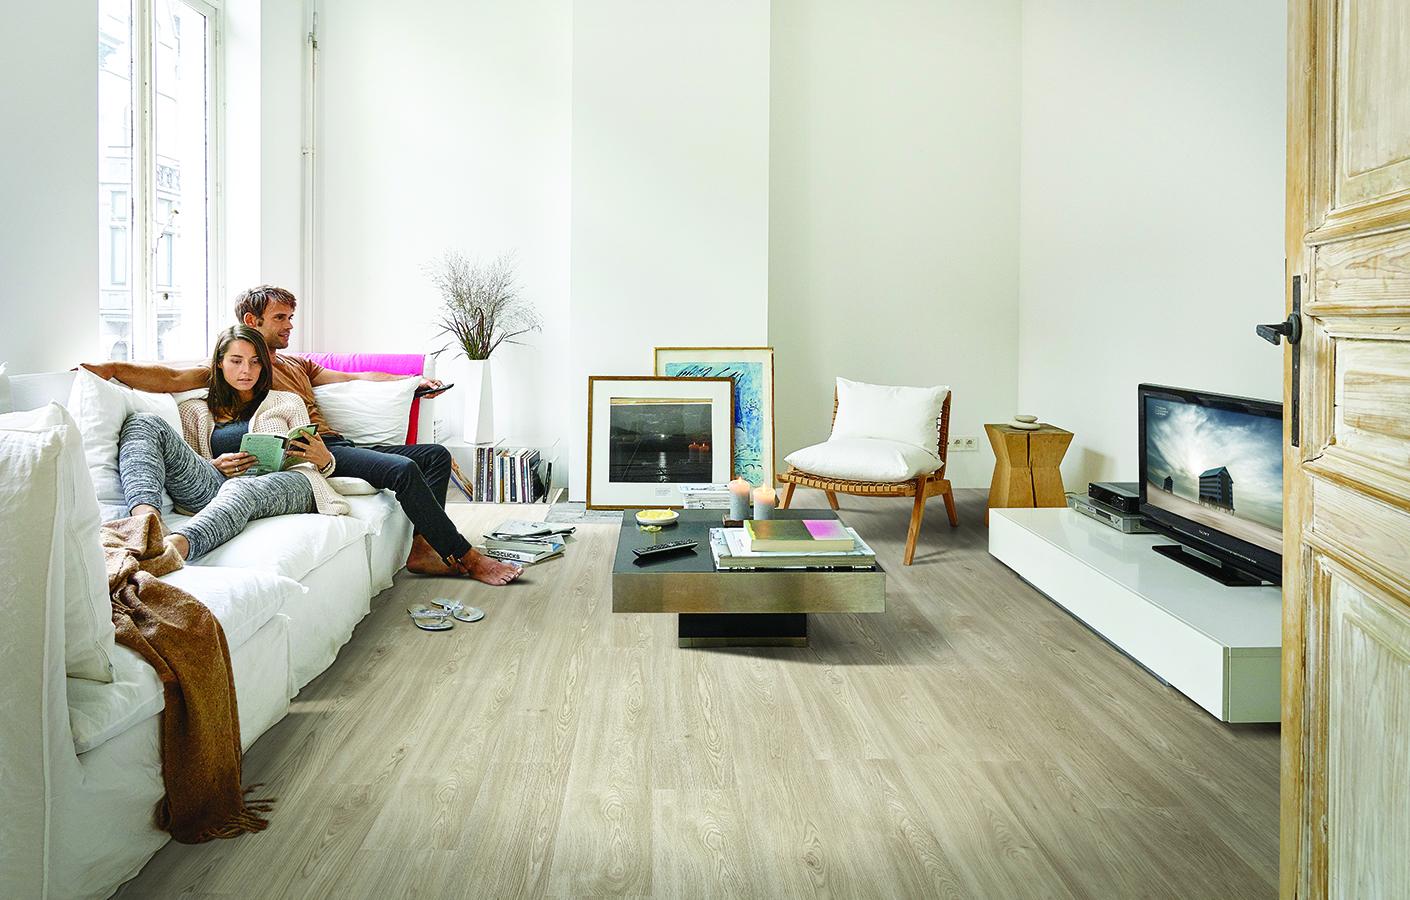 Fußboden Wohnzimmer ~ Wie wählt man den besten bodenbelag für das wohnzimmer aus